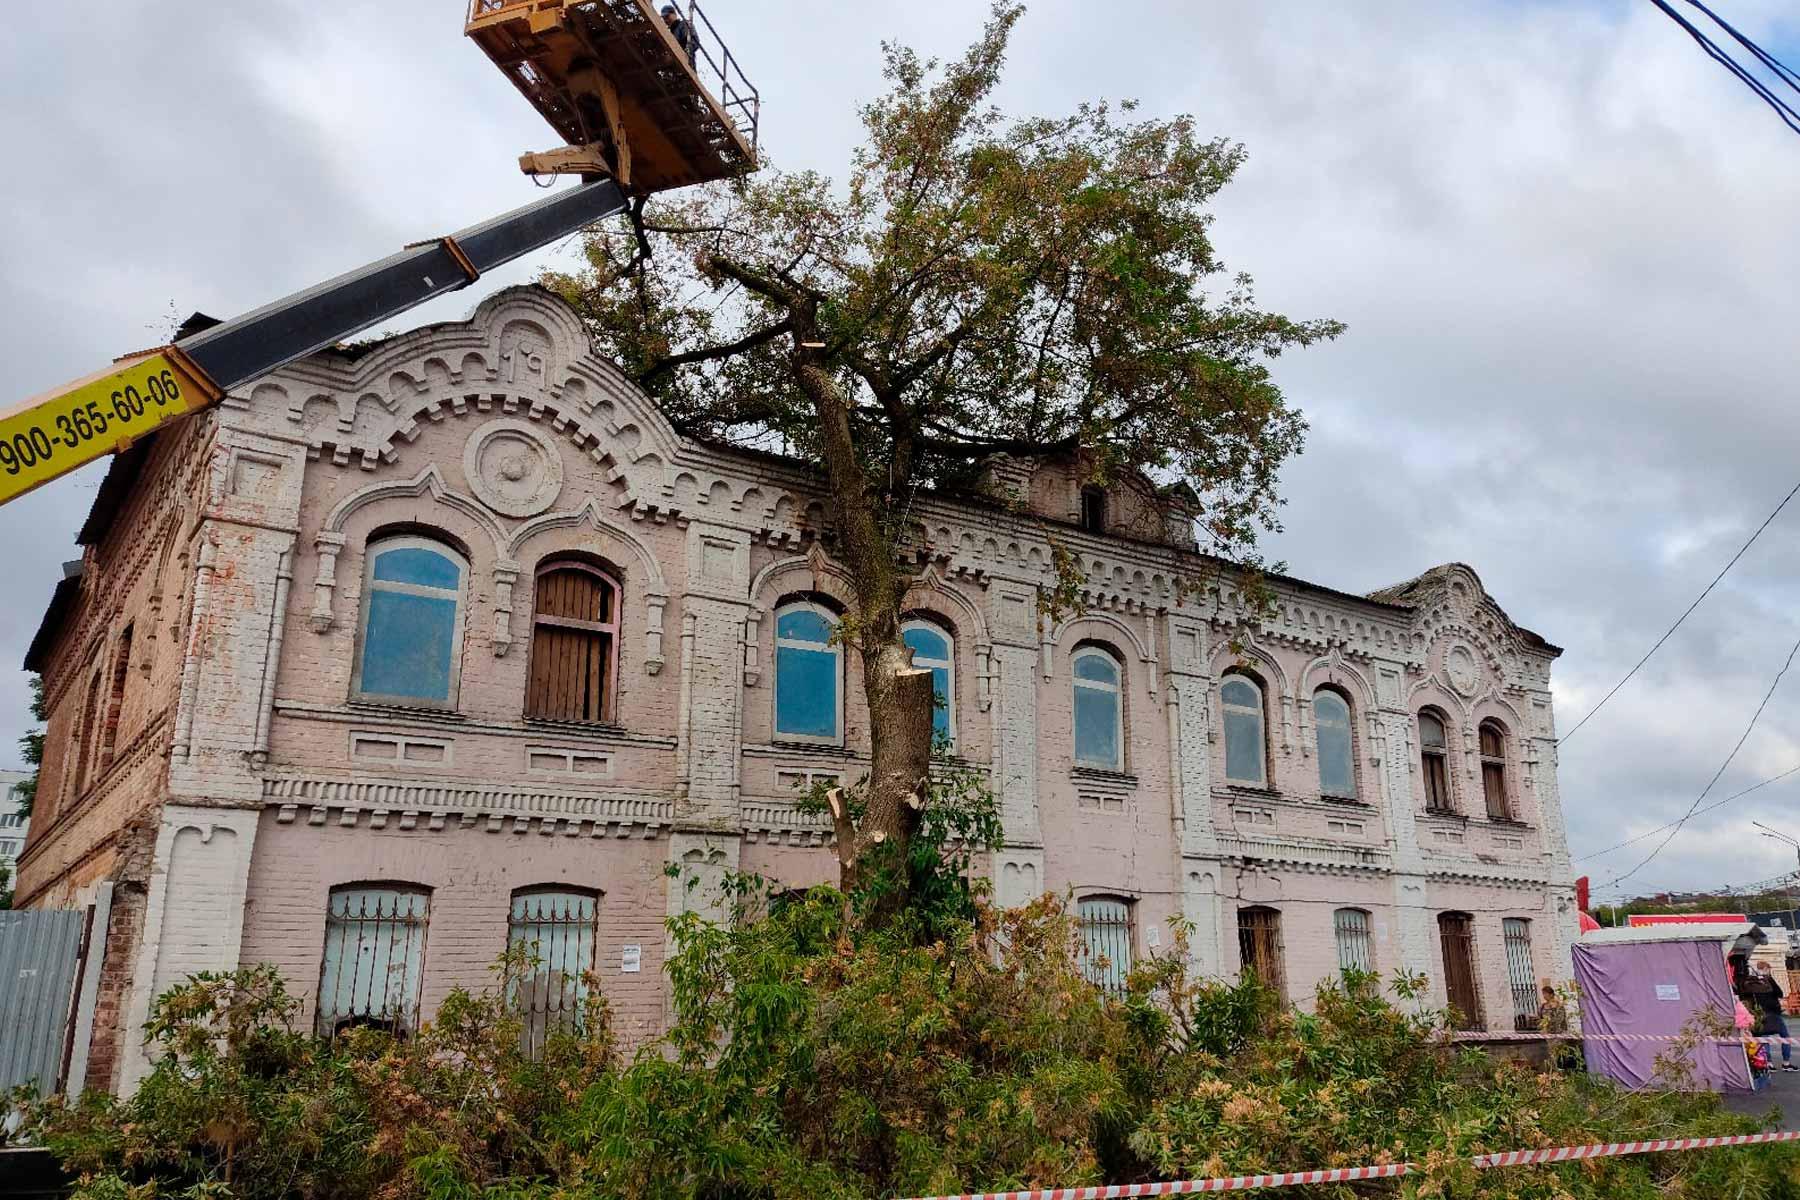 В Брянске неизвестный меценат взялся за реконструкцию канатной фабрики Мартынова